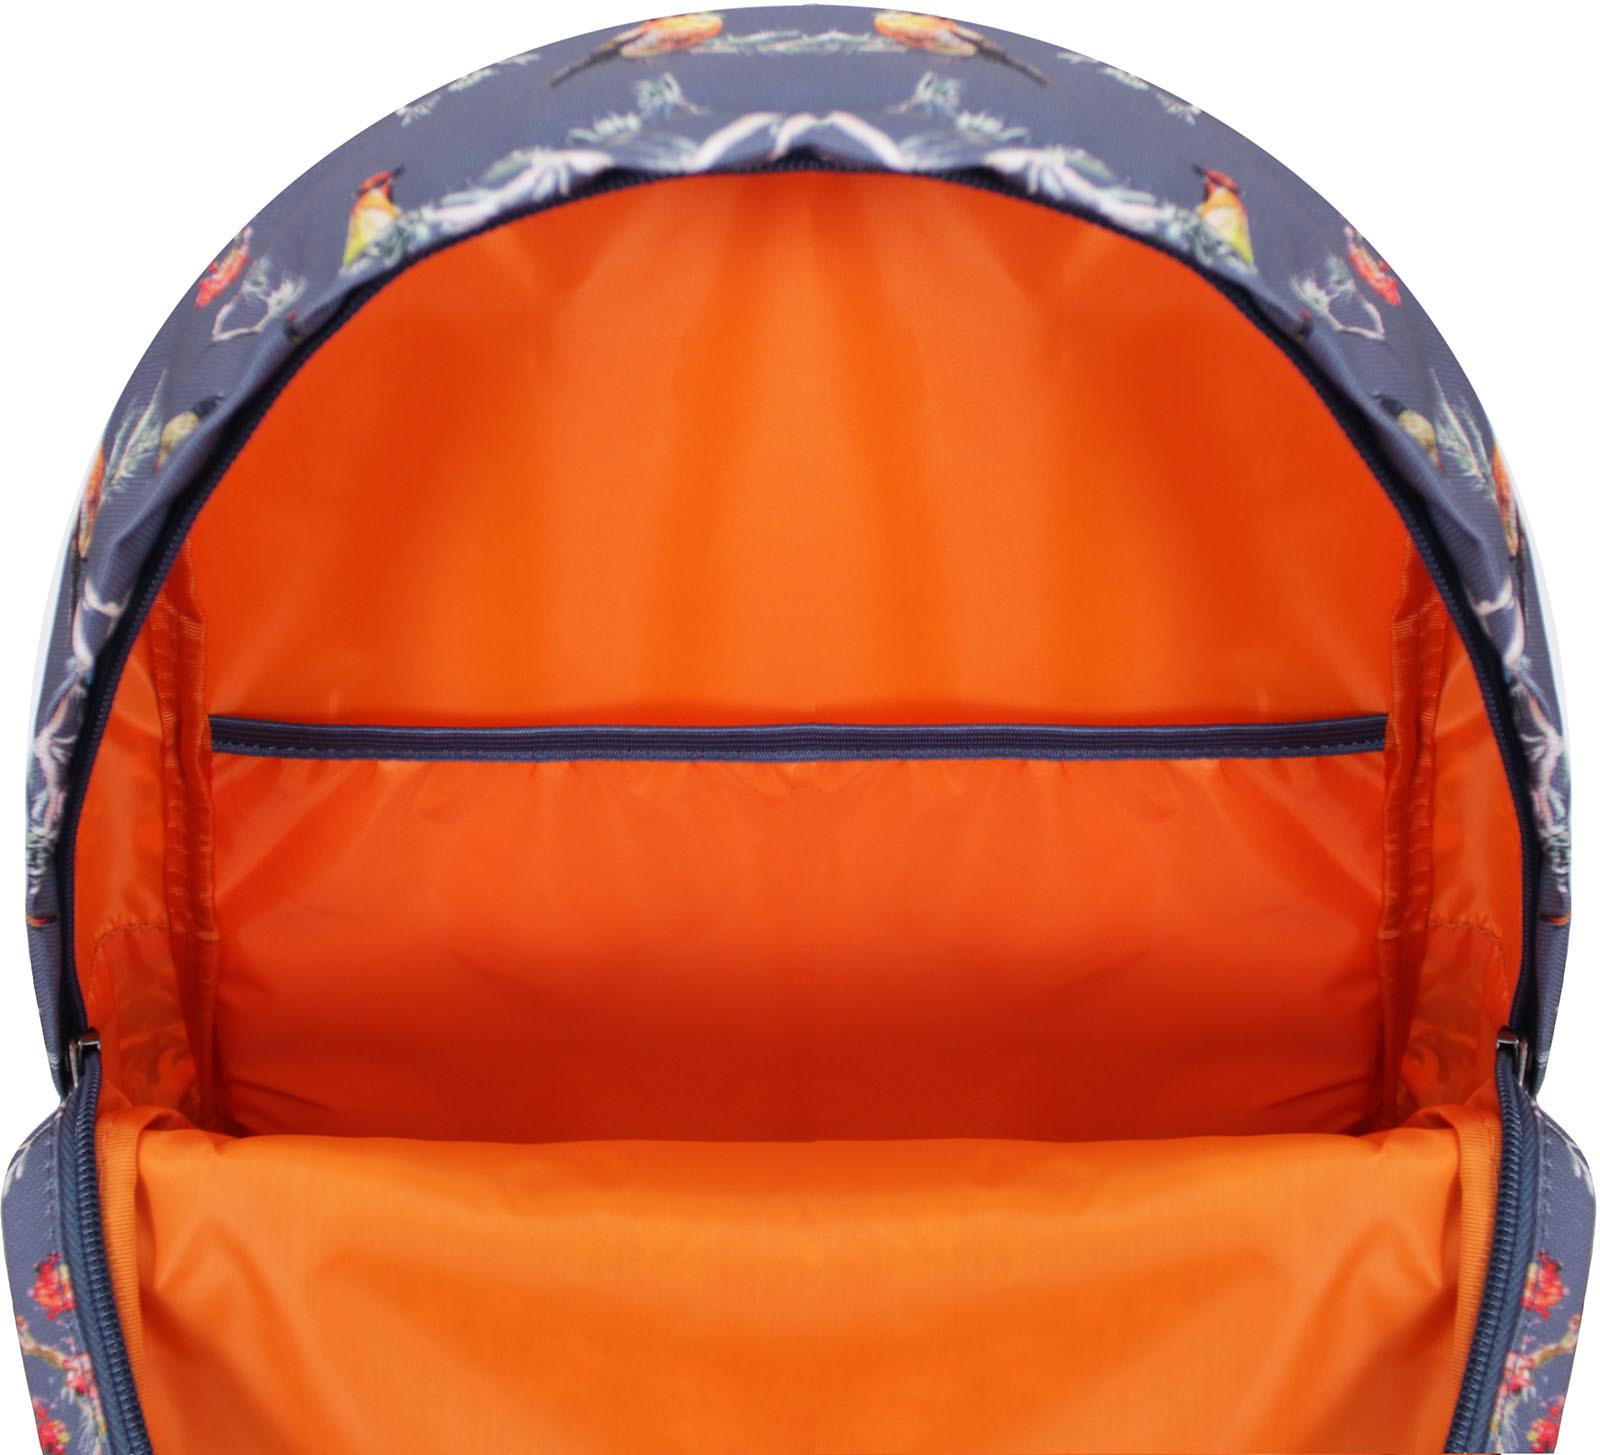 Рюкзак Bagland Молодежный (дизайн) 17 л. сублімація 445 (00533664) фото 4